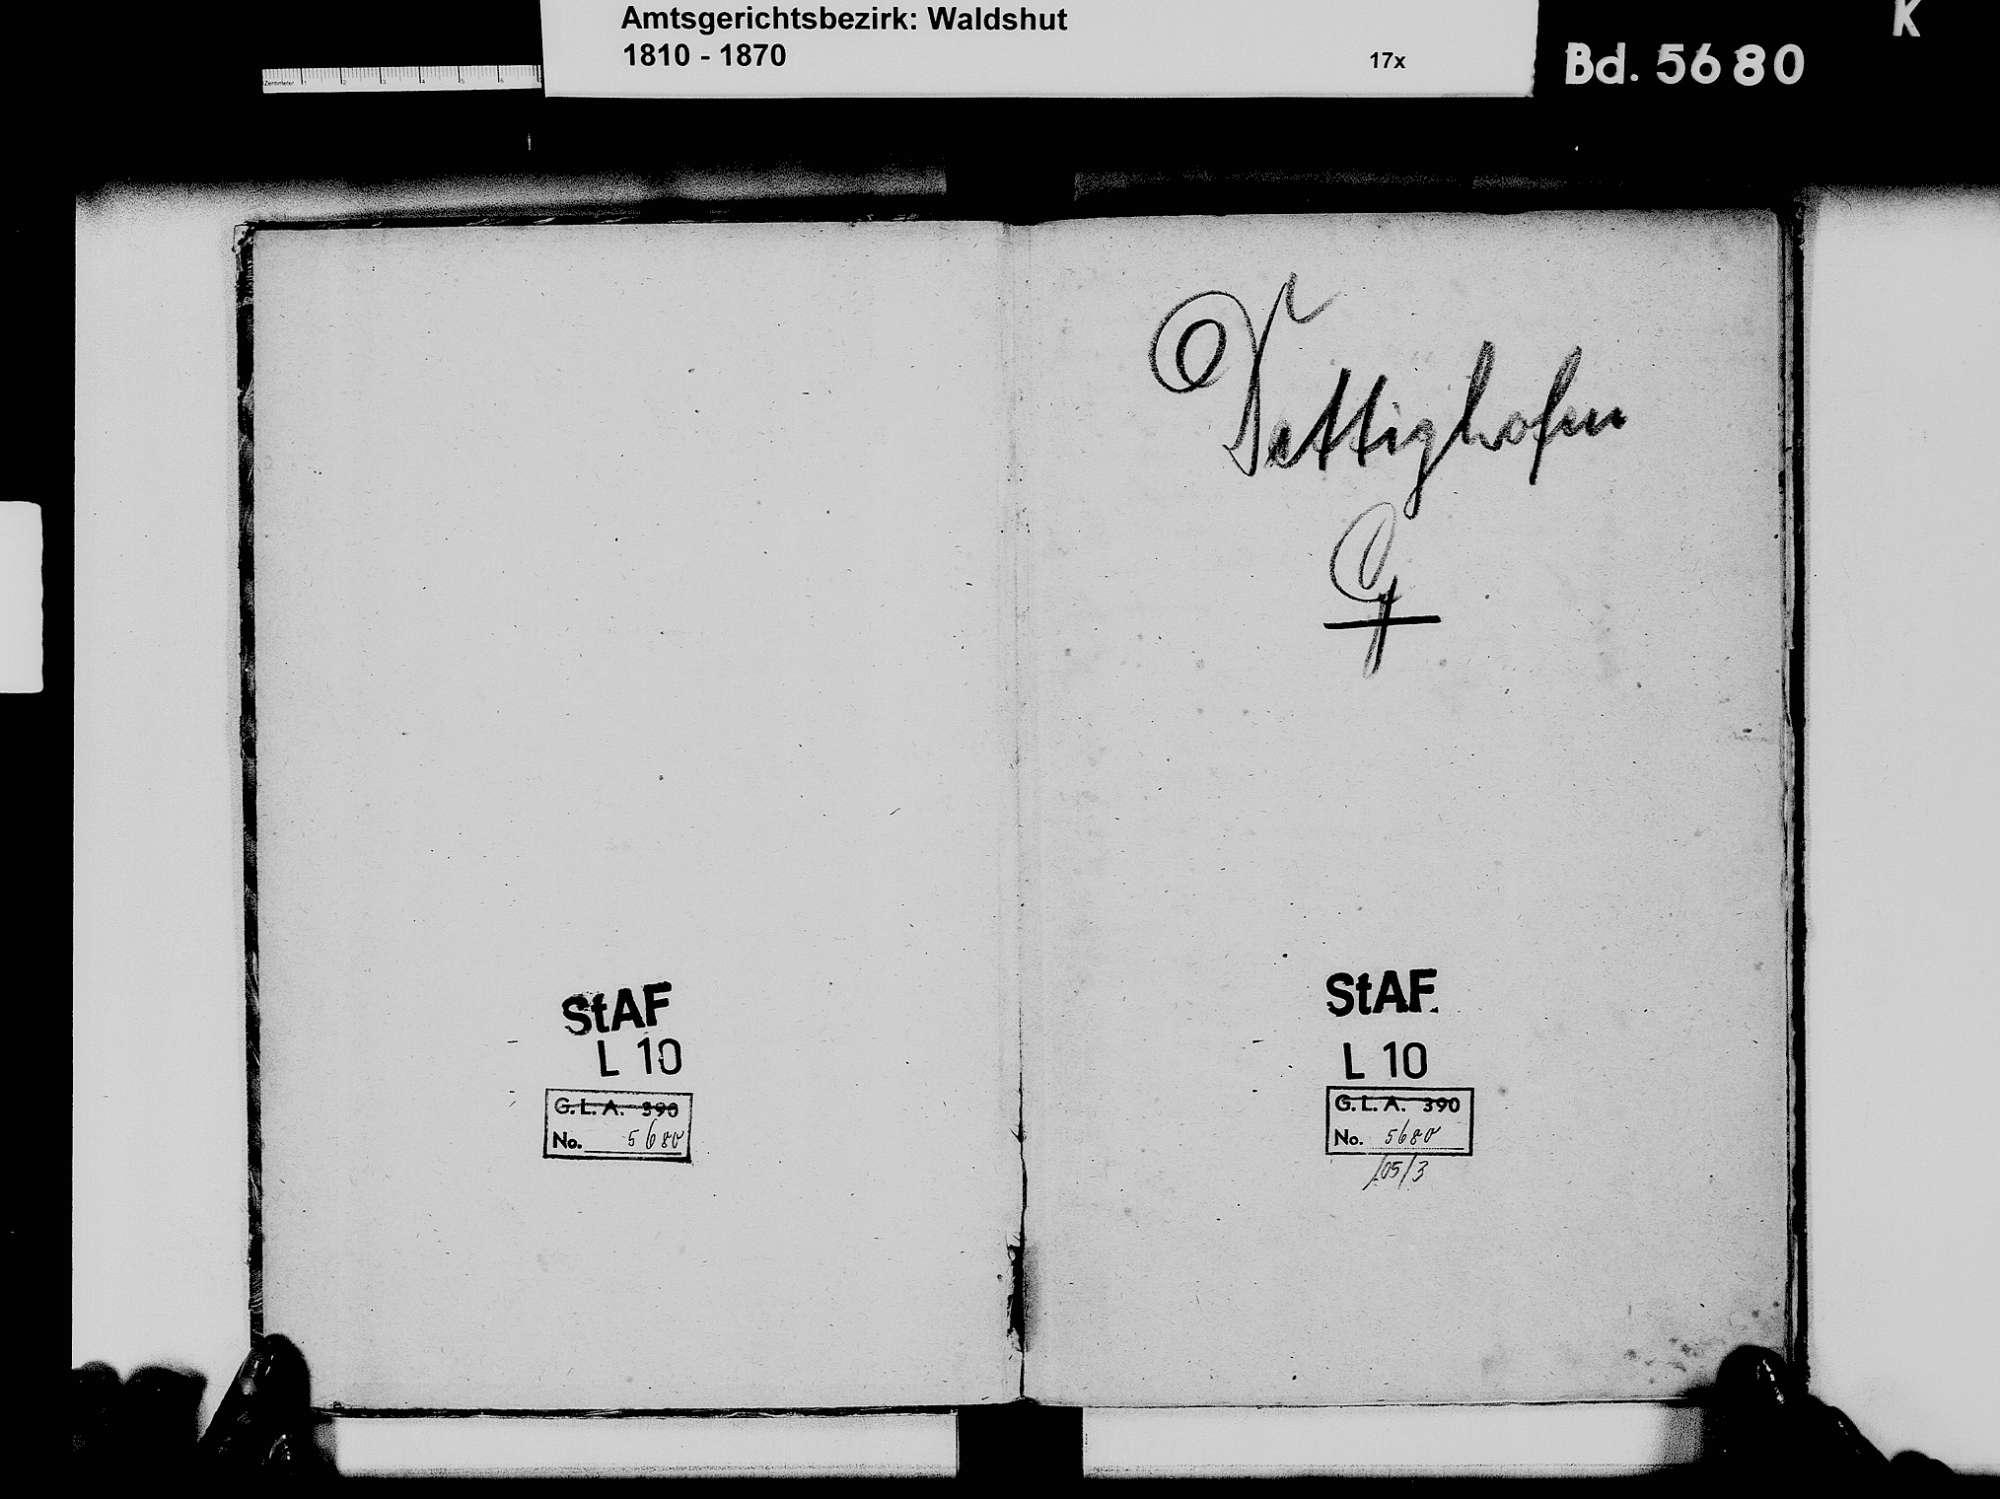 Dettighofen WT; Katholische Gemeinde: Geburtenbuch 1867-1869 Dettighofen WT; Katholische Gemeinde: Heiratsbuch 1867-1869 Dettighofen WT; Katholische Gemeinde: Sterbebuch 1867-1869, Bild 3